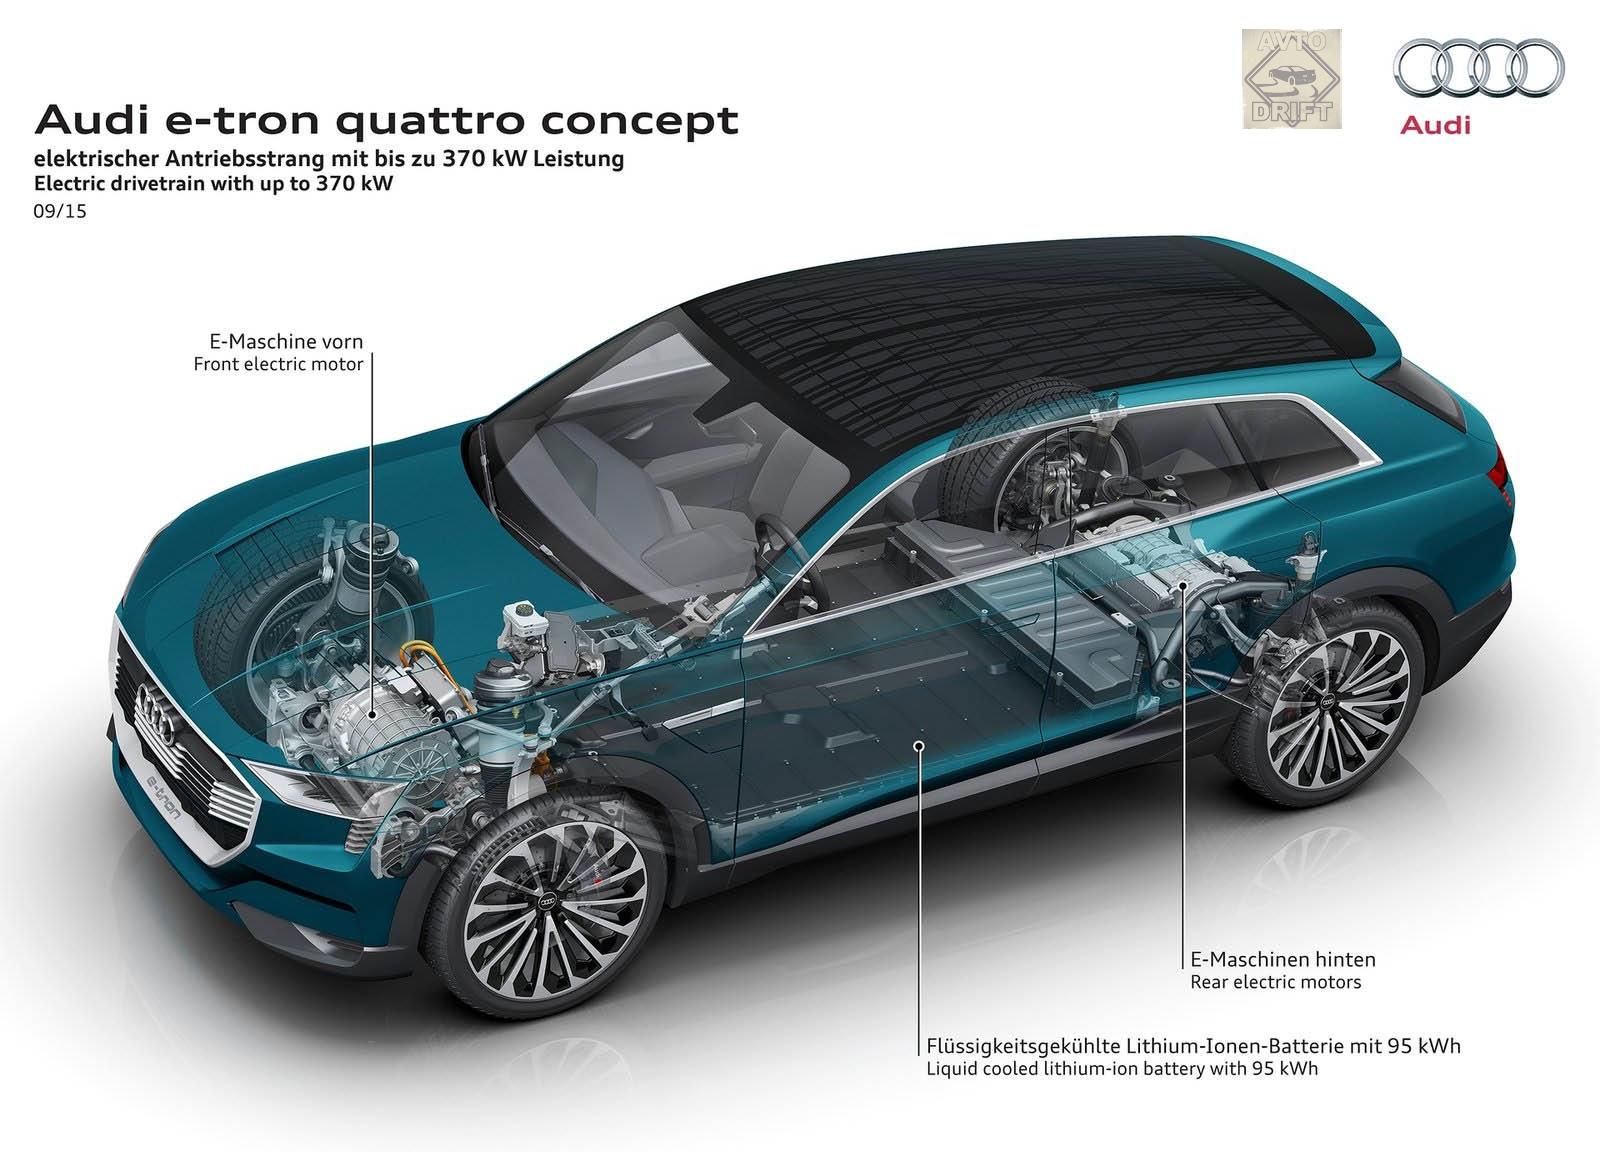 Audi e tron quattro Concept 2015 05 - Компания Audi определилась со стоимостью нового электрического кроссовера E-Tron